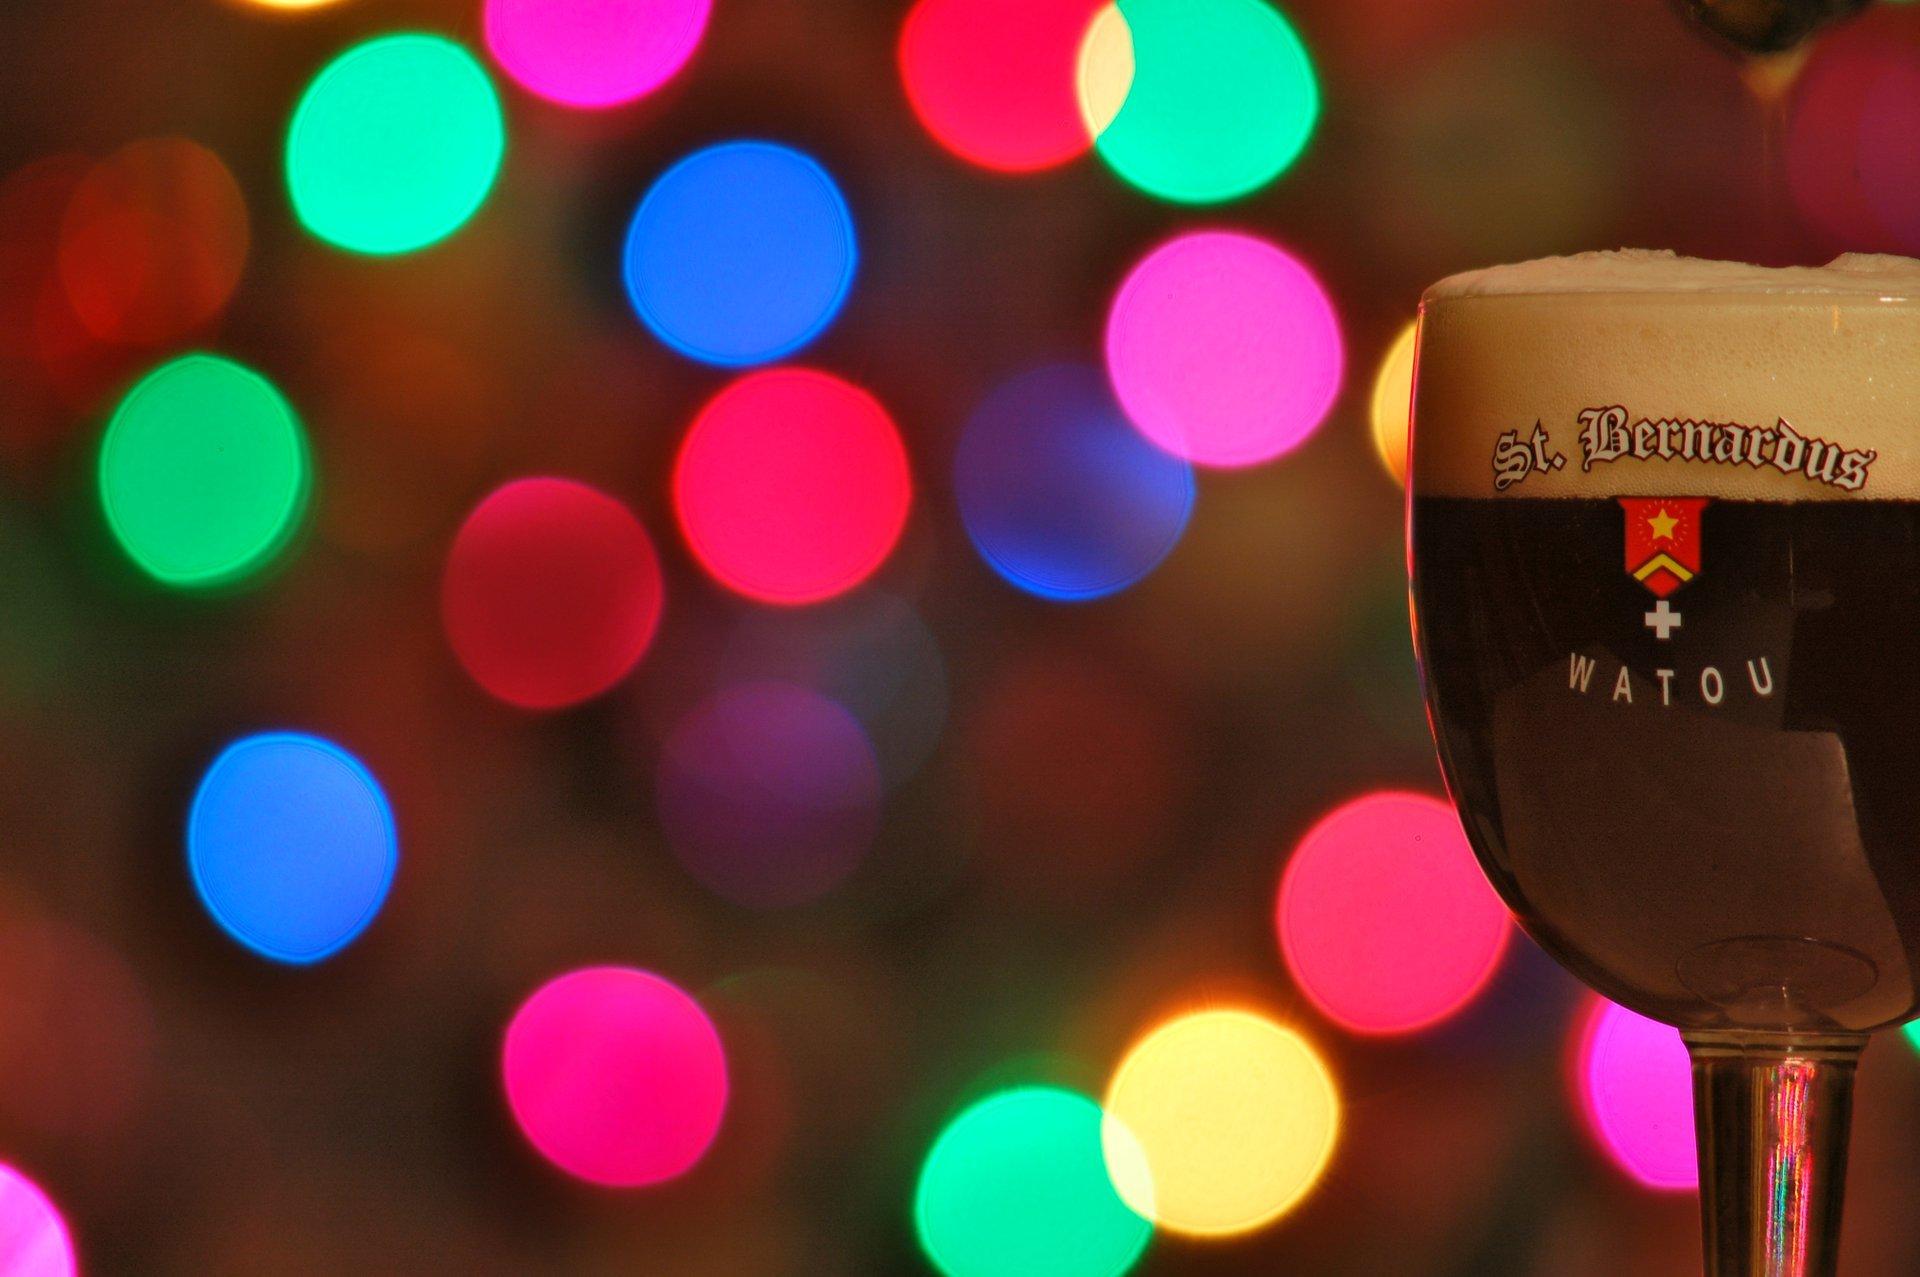 Winter / Christmas Beers in Belgium 2019 - Best Time